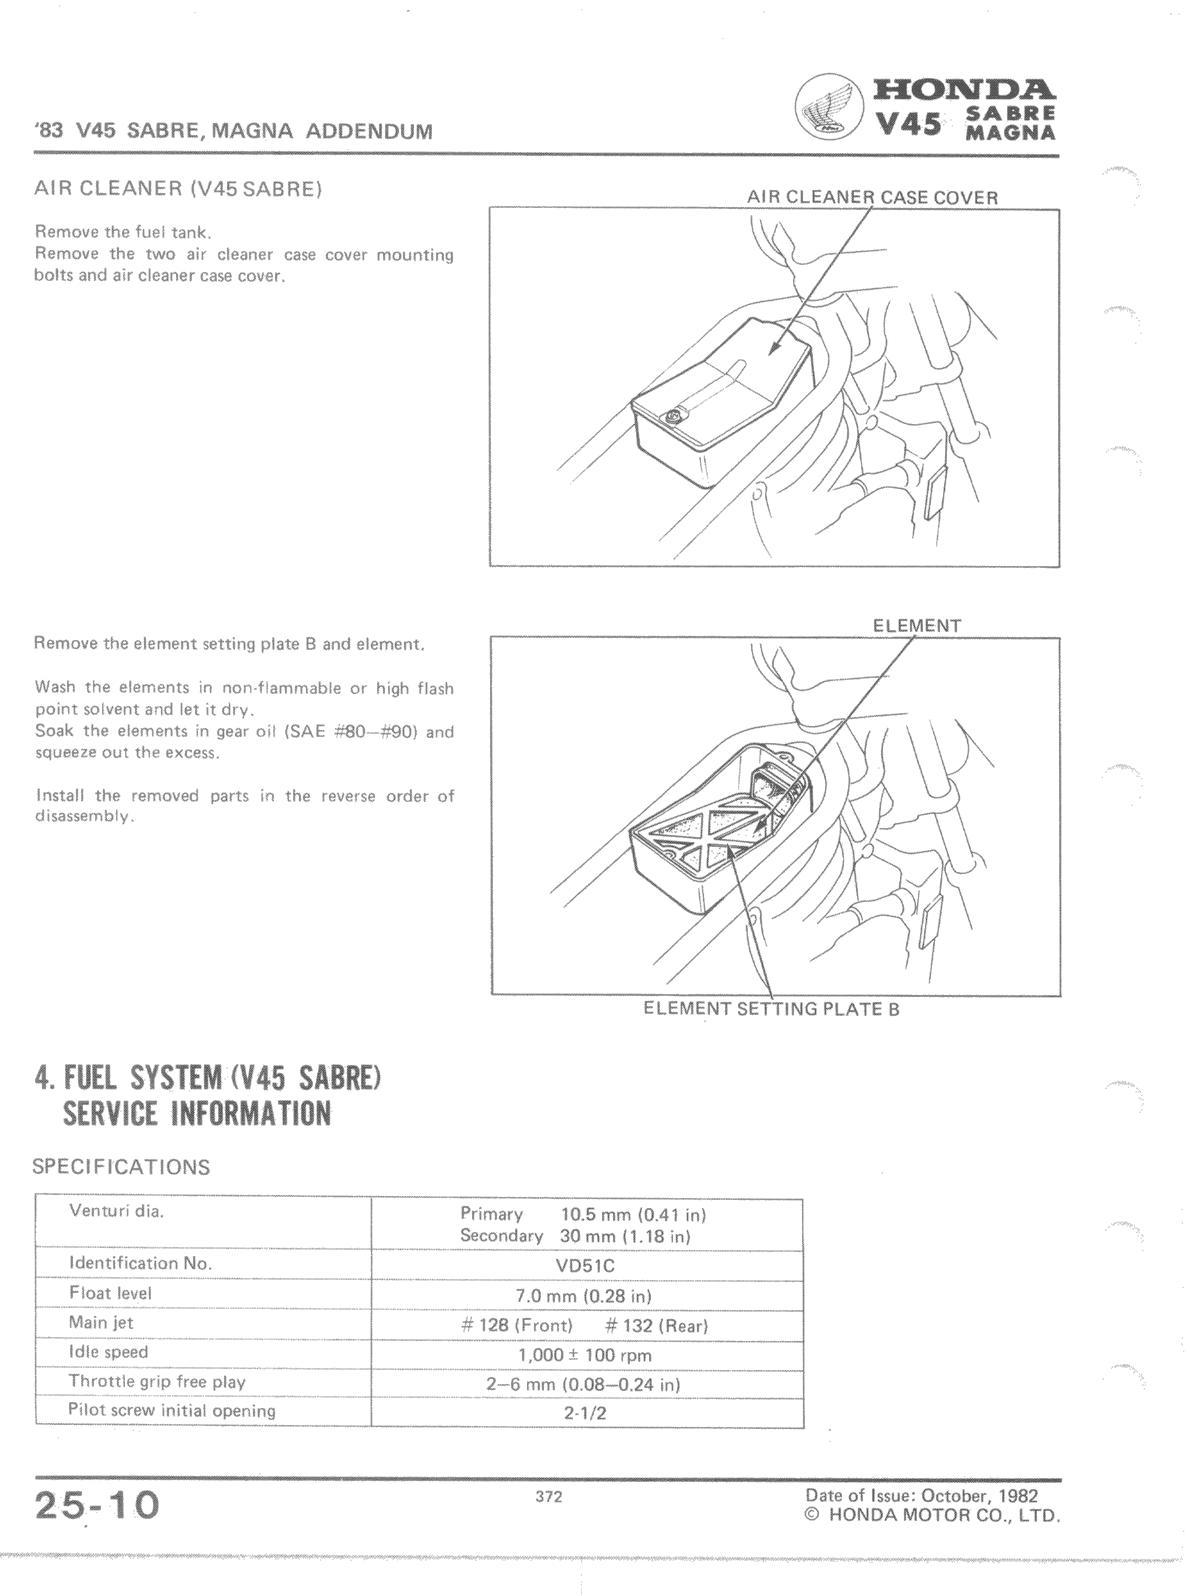 honda vf750f wiring diagram introduction to electrical wiring rh jillkamil com